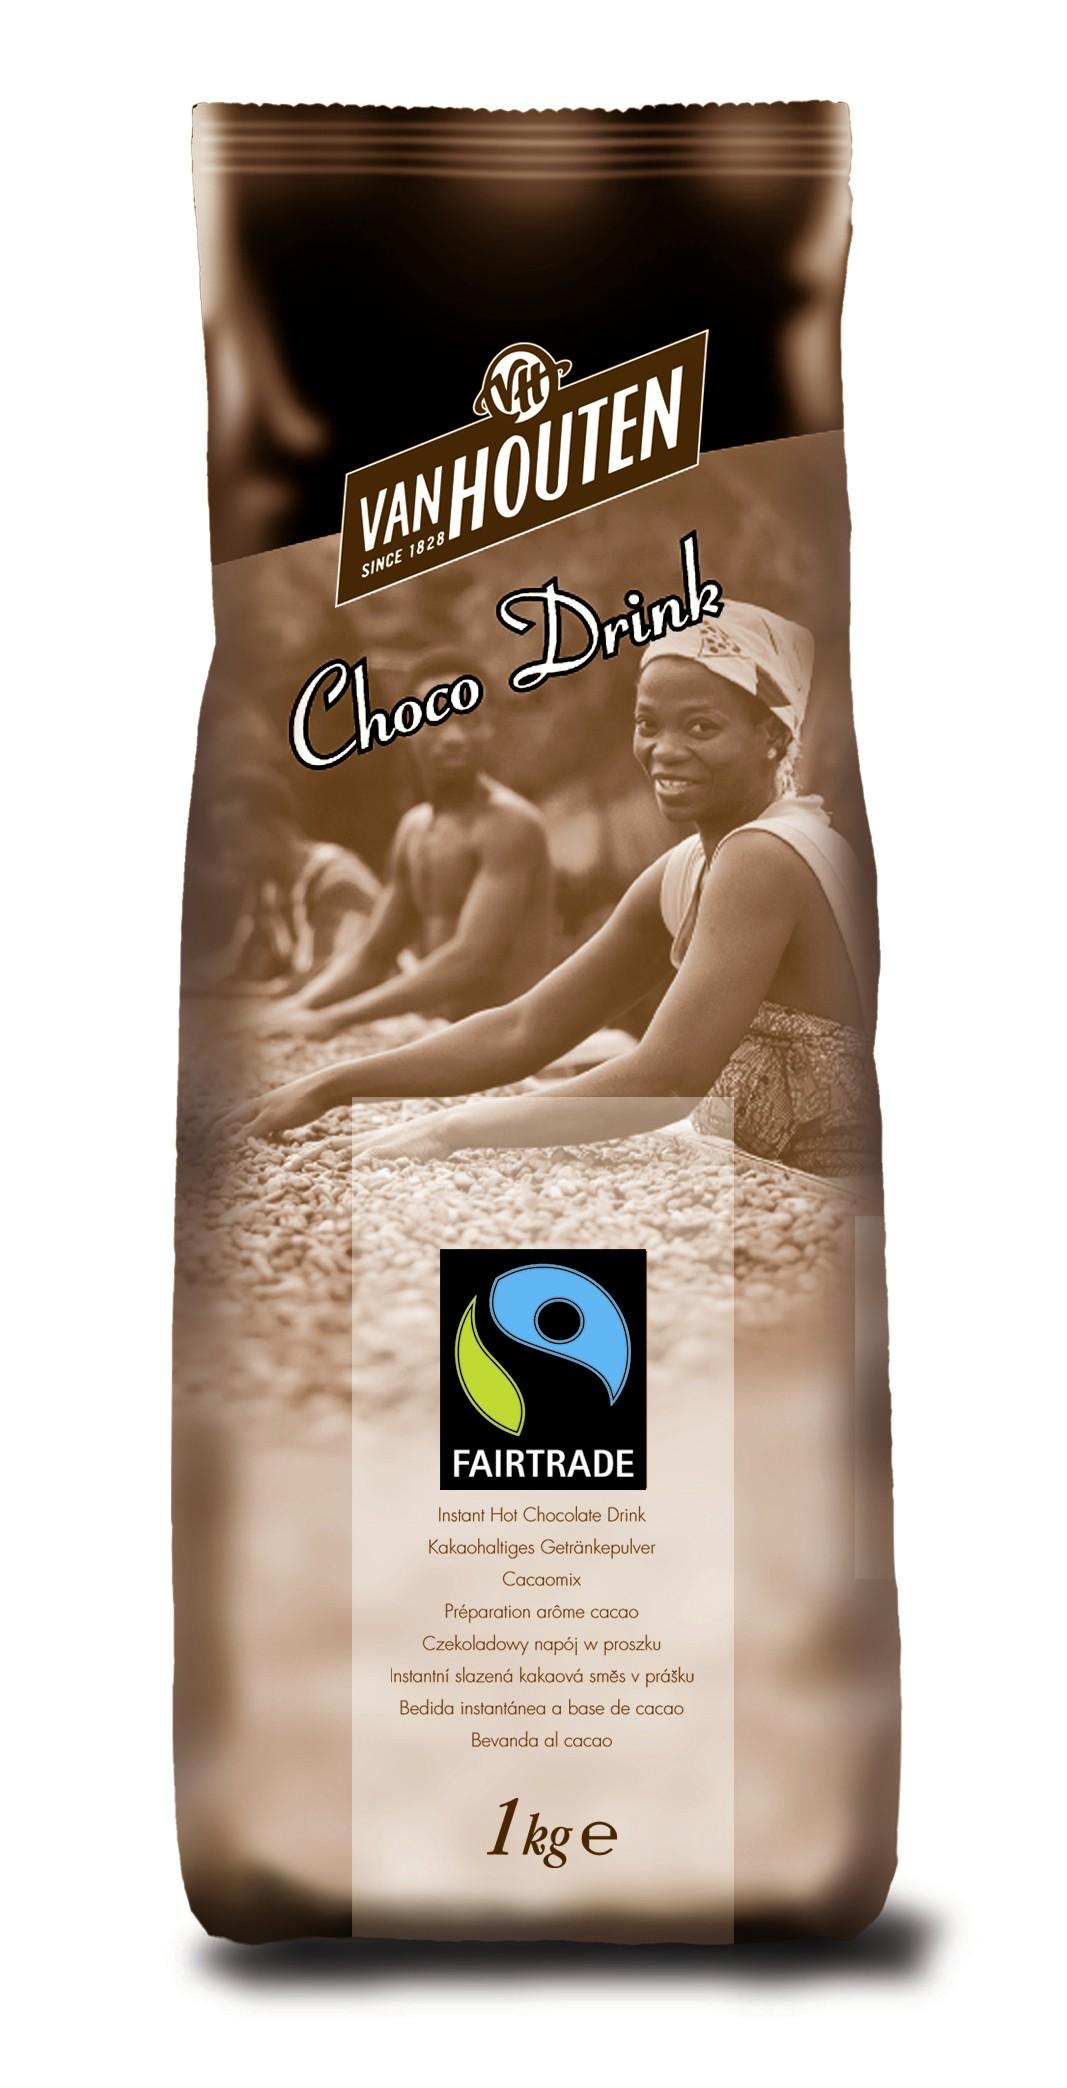 Van Houten Fairtrade Drinking Chocolate Powder